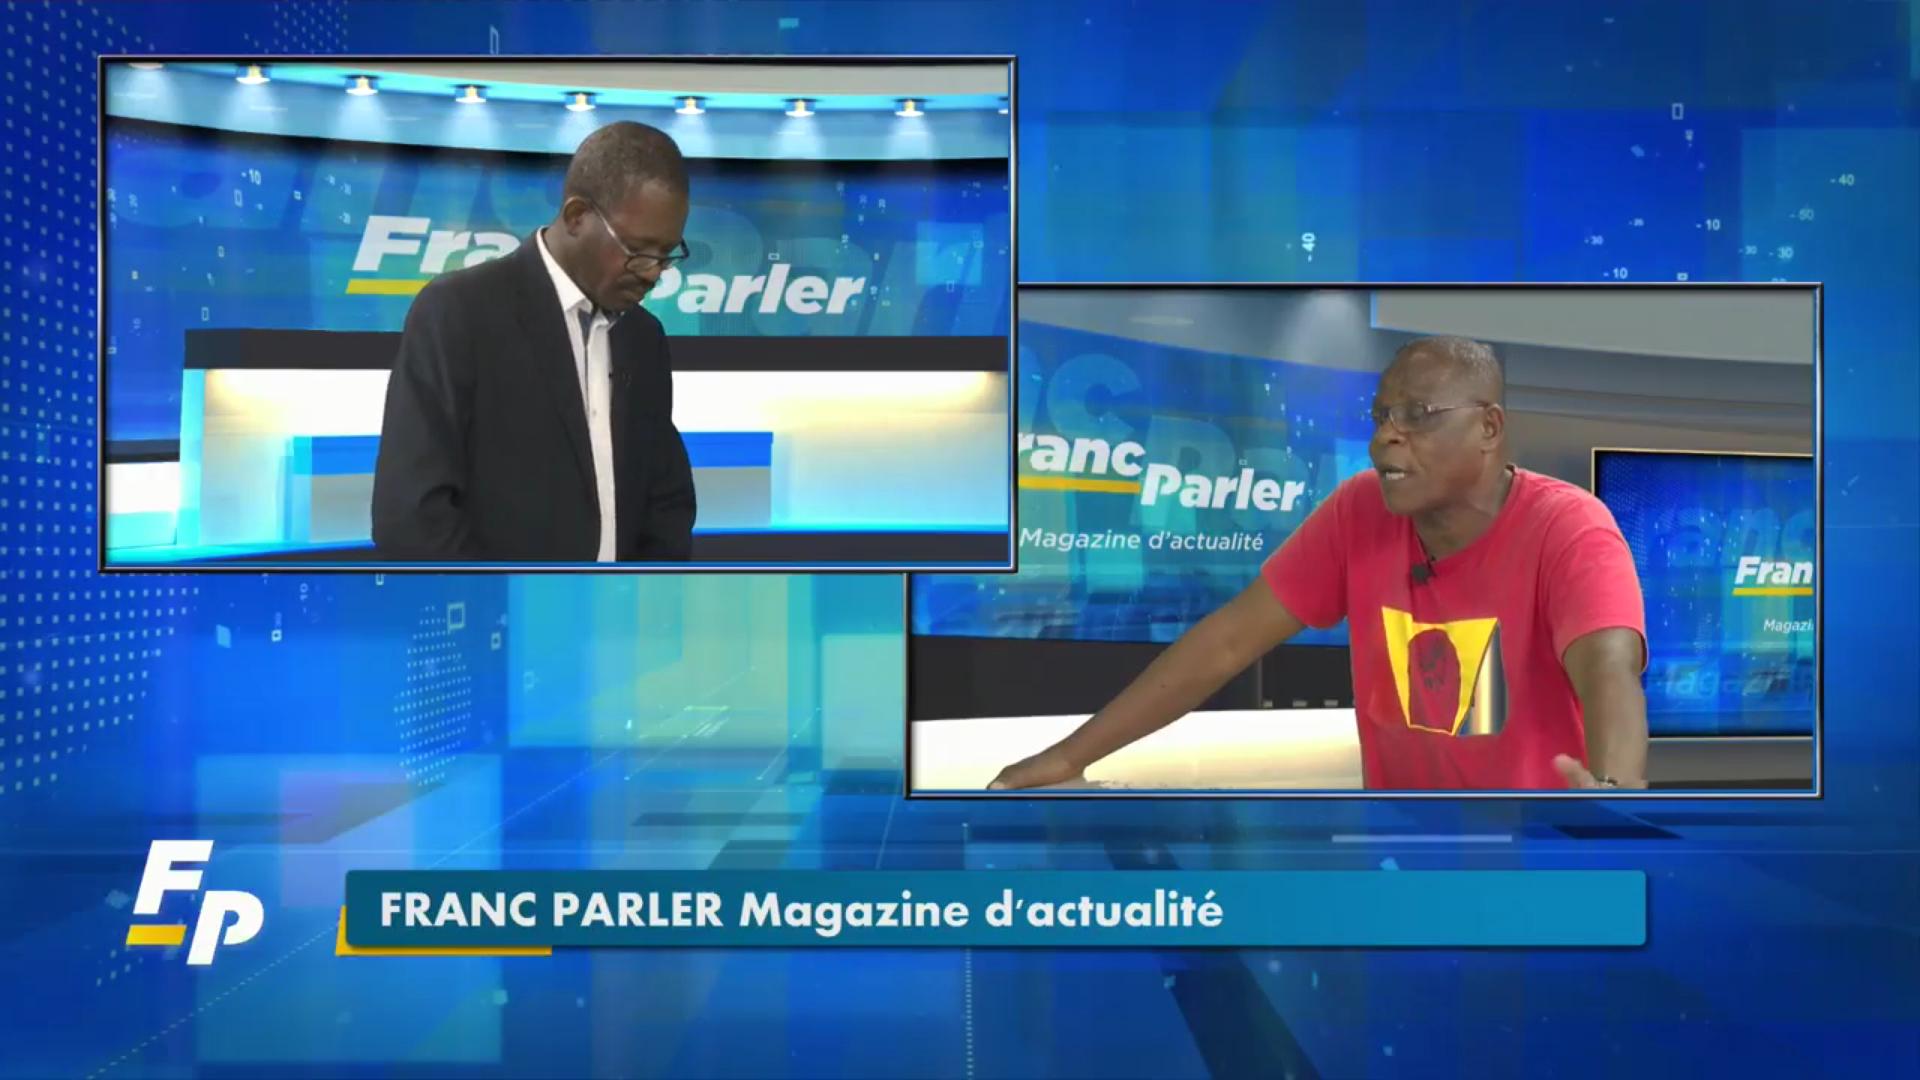 [Vidéo] Onews Guadeloupe. Nestorius FAVEL Invité de Franc parler (Eclair fm Tv)